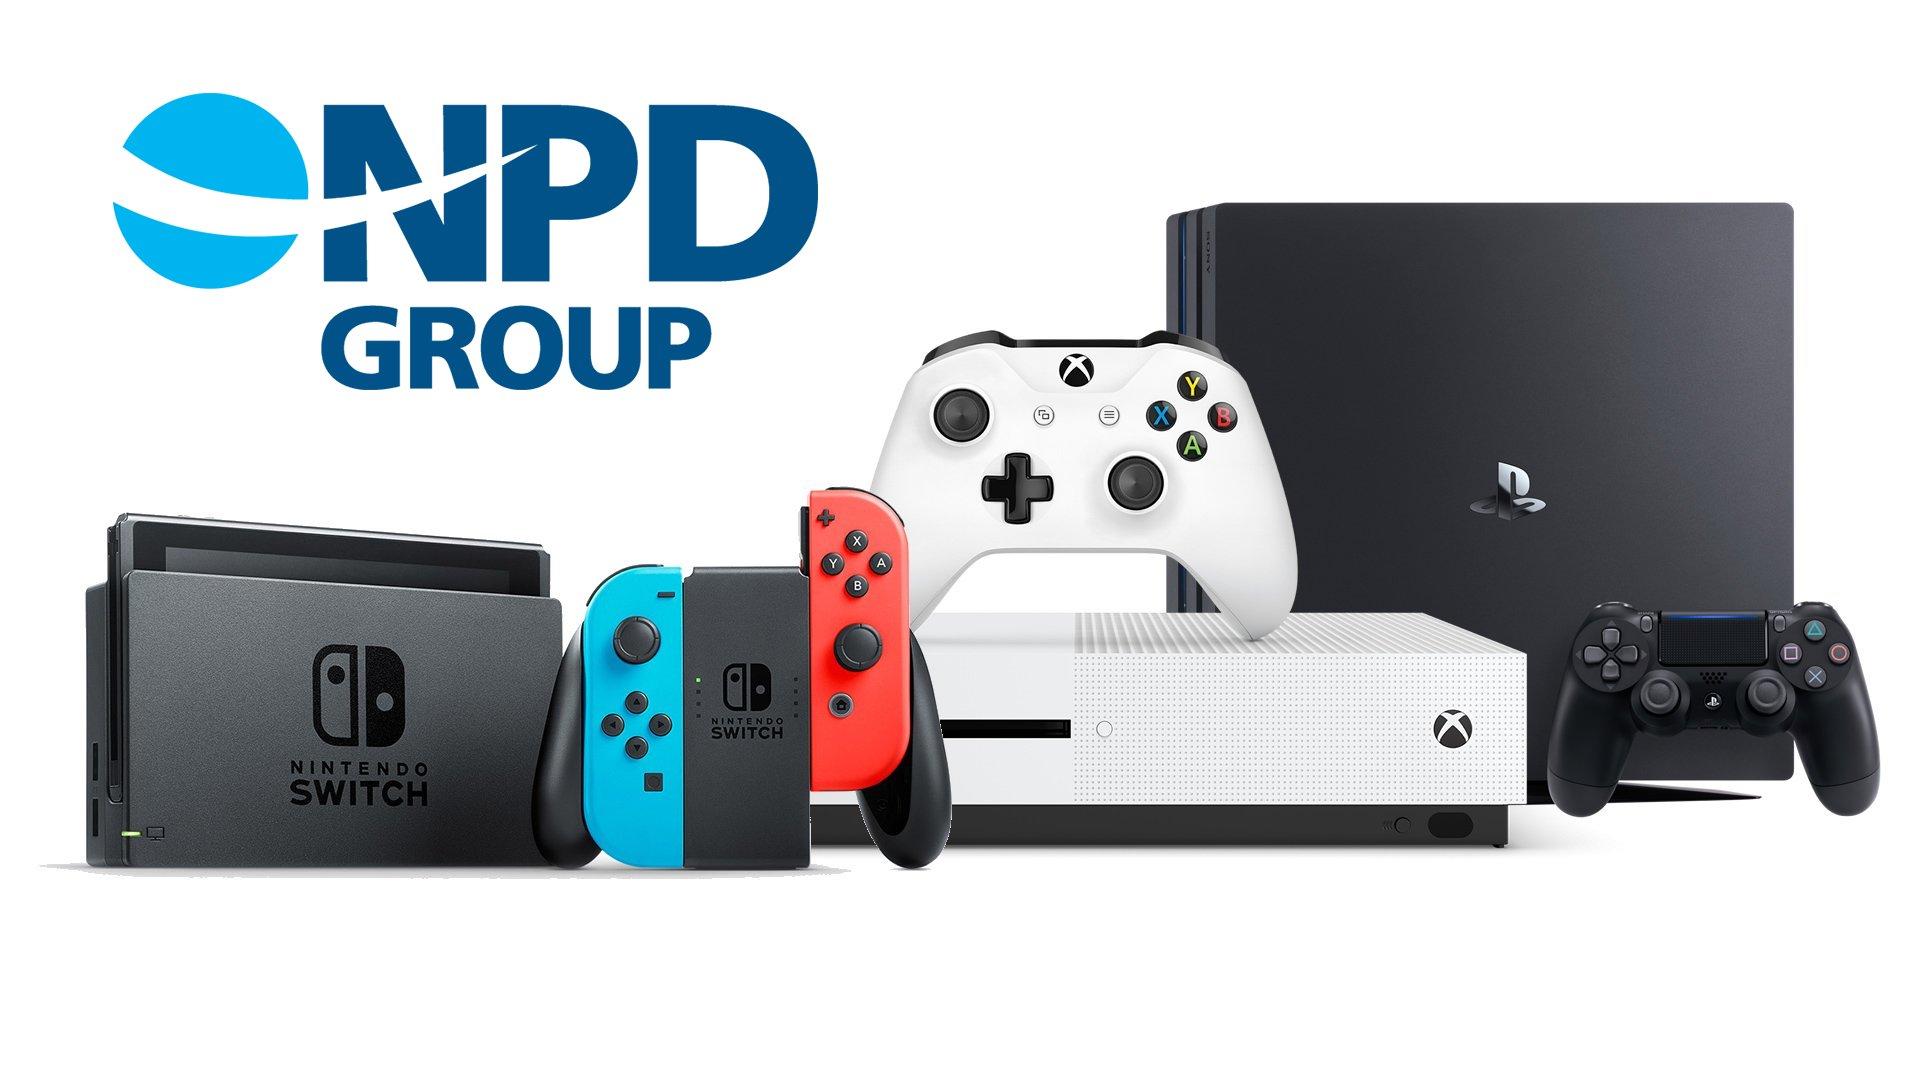 Il 73% degli americani gioca ai videogiochi, secondo NPD Group